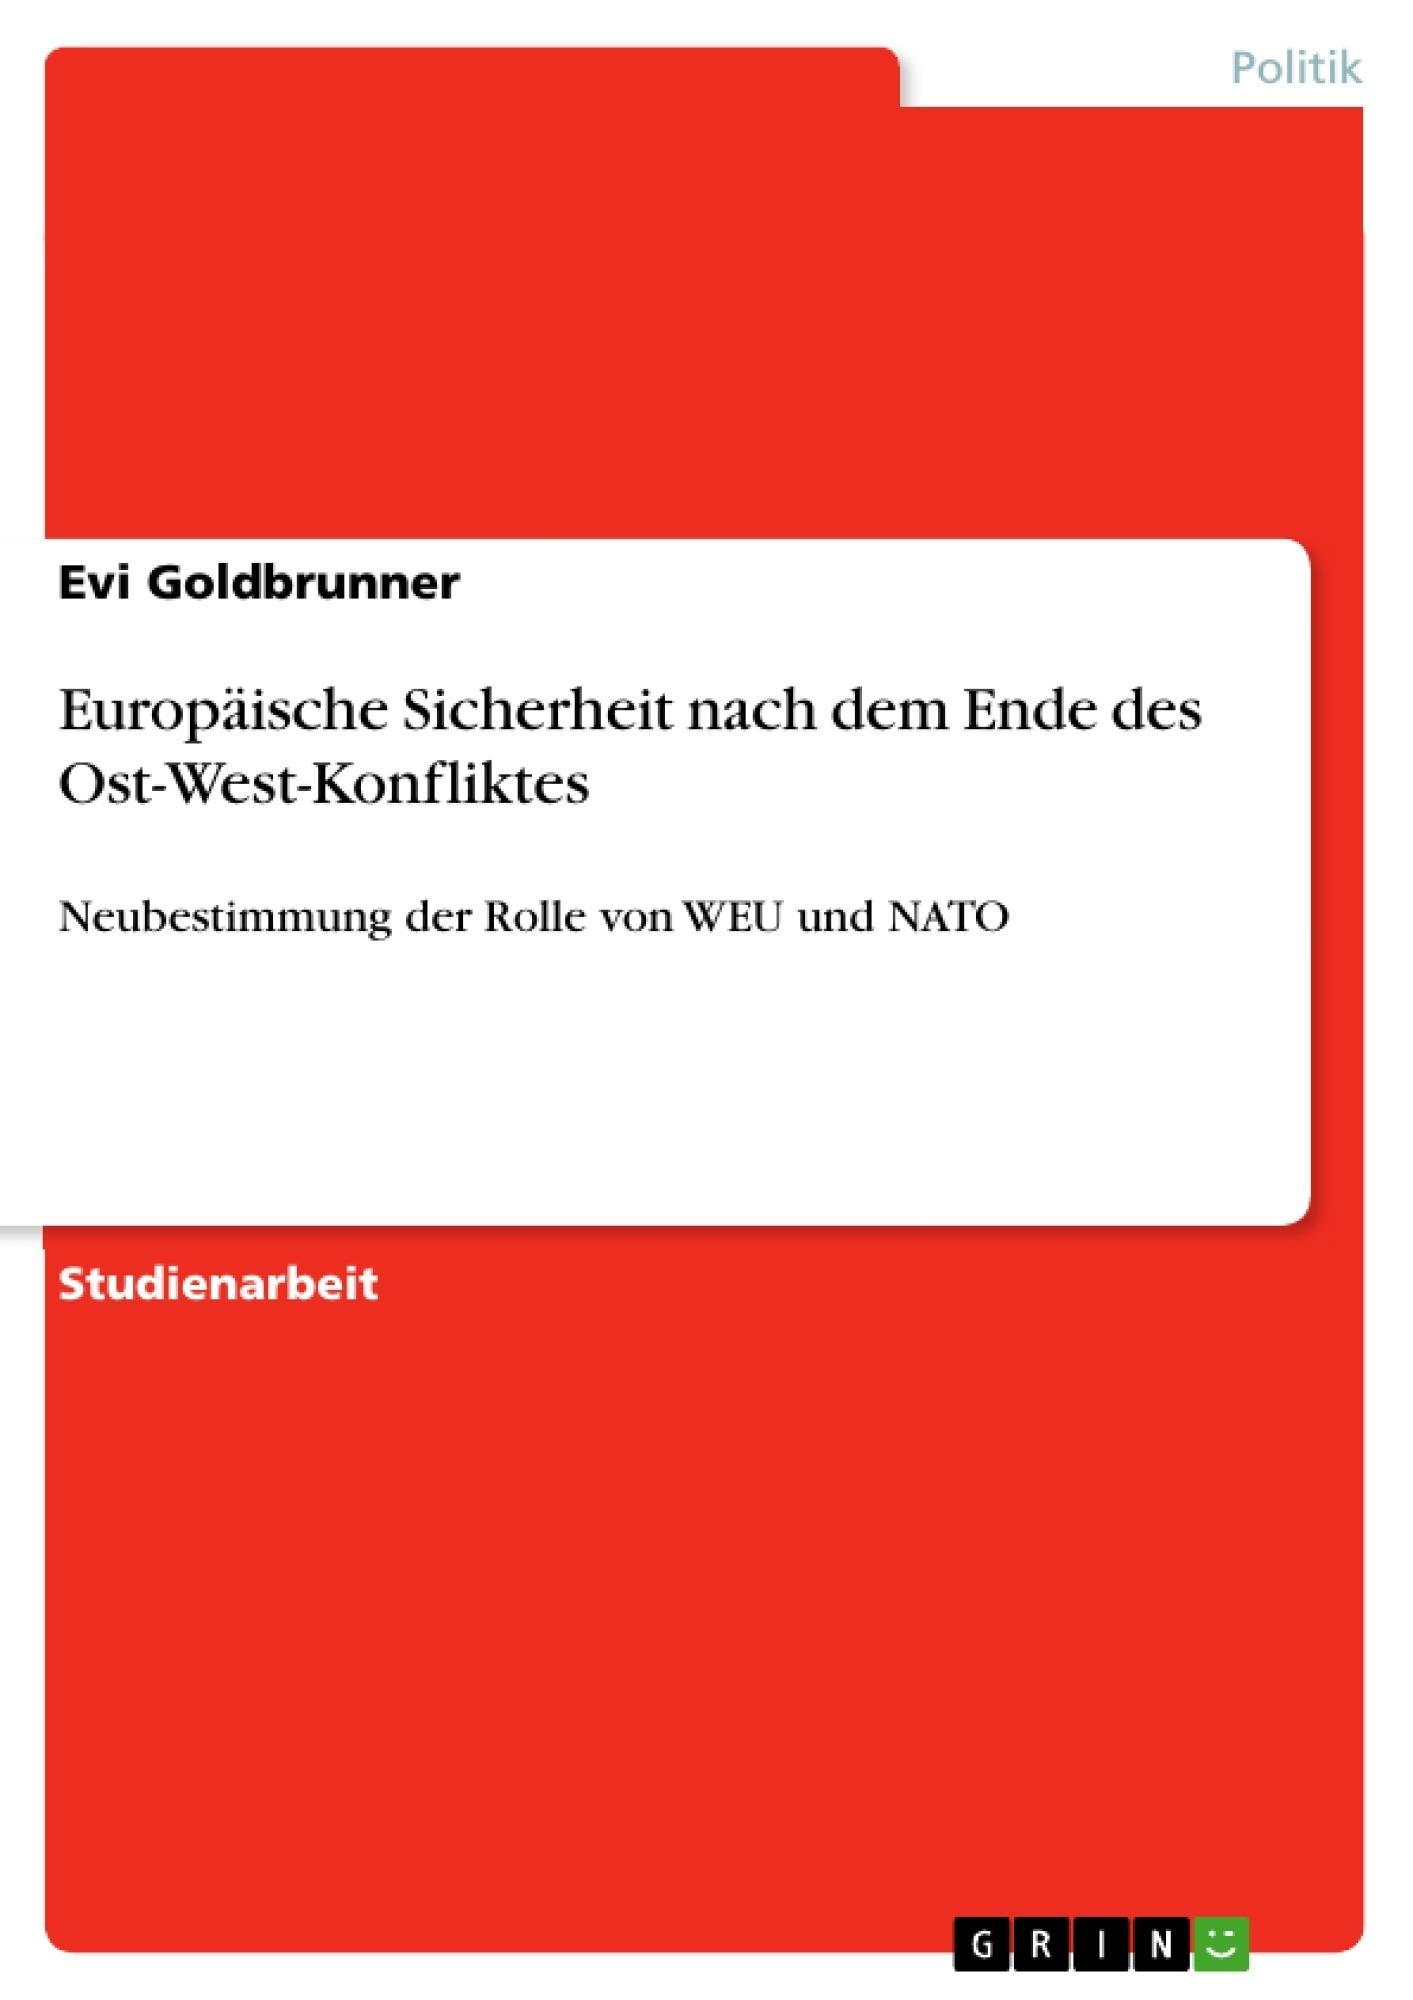 Titel: Europäische Sicherheit nach dem Ende des Ost-West-Konfliktes